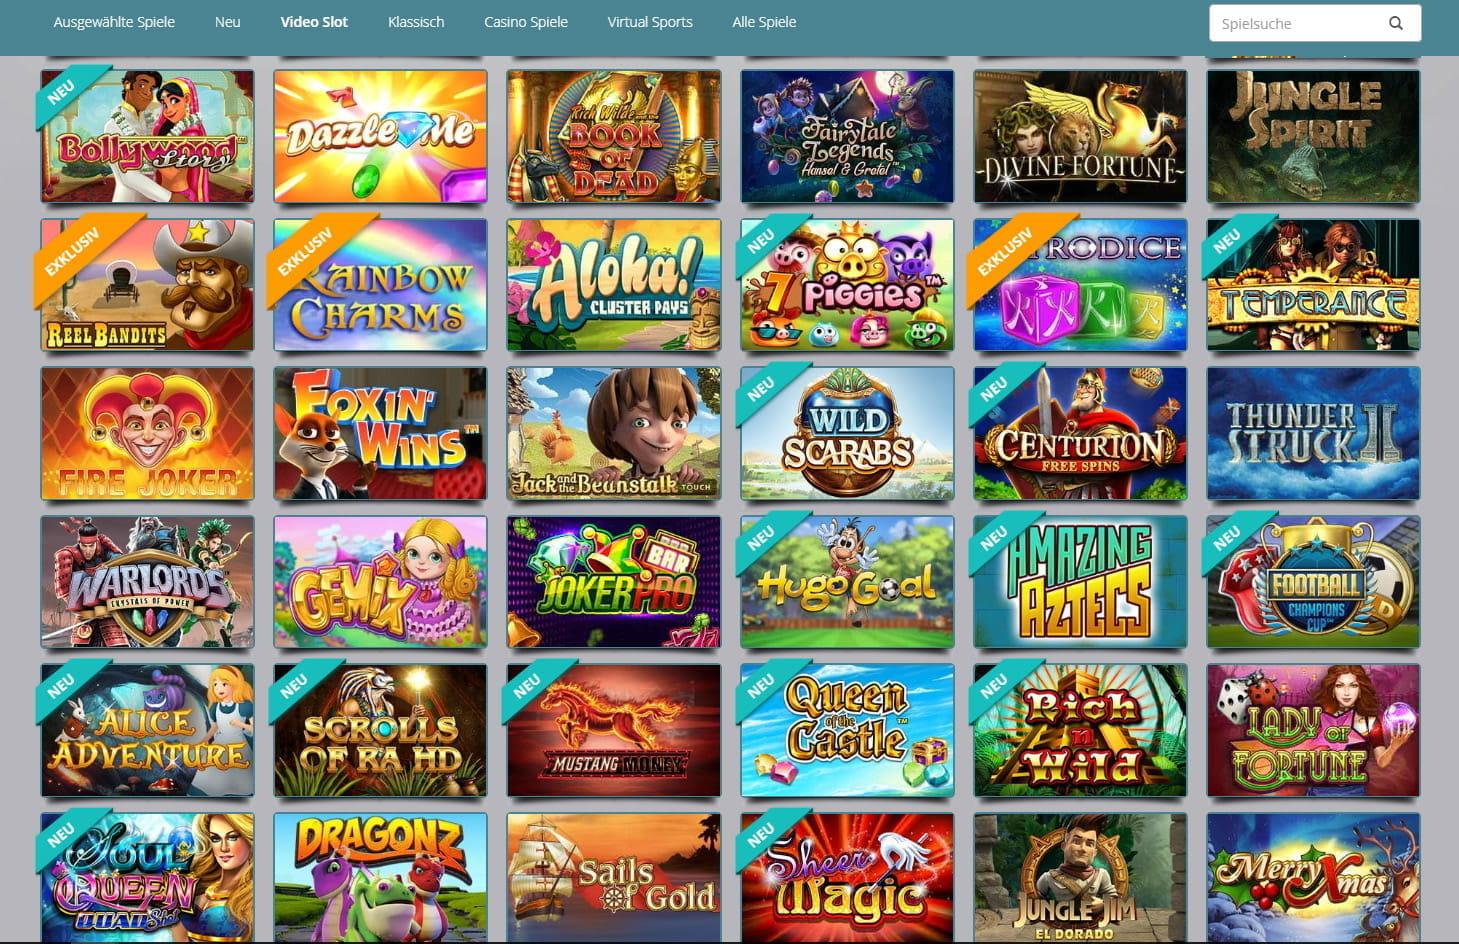 Beliebtestes Glücksspiel Die - 975601